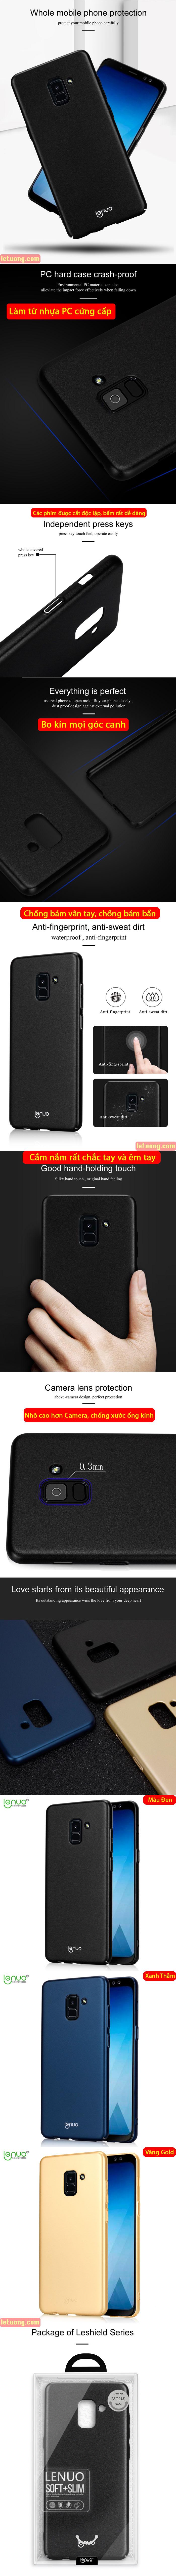 Ốp lưng Galaxy A8 2018 Lenuo Leshield Case siêu mỏng, siêu nhẹ 3